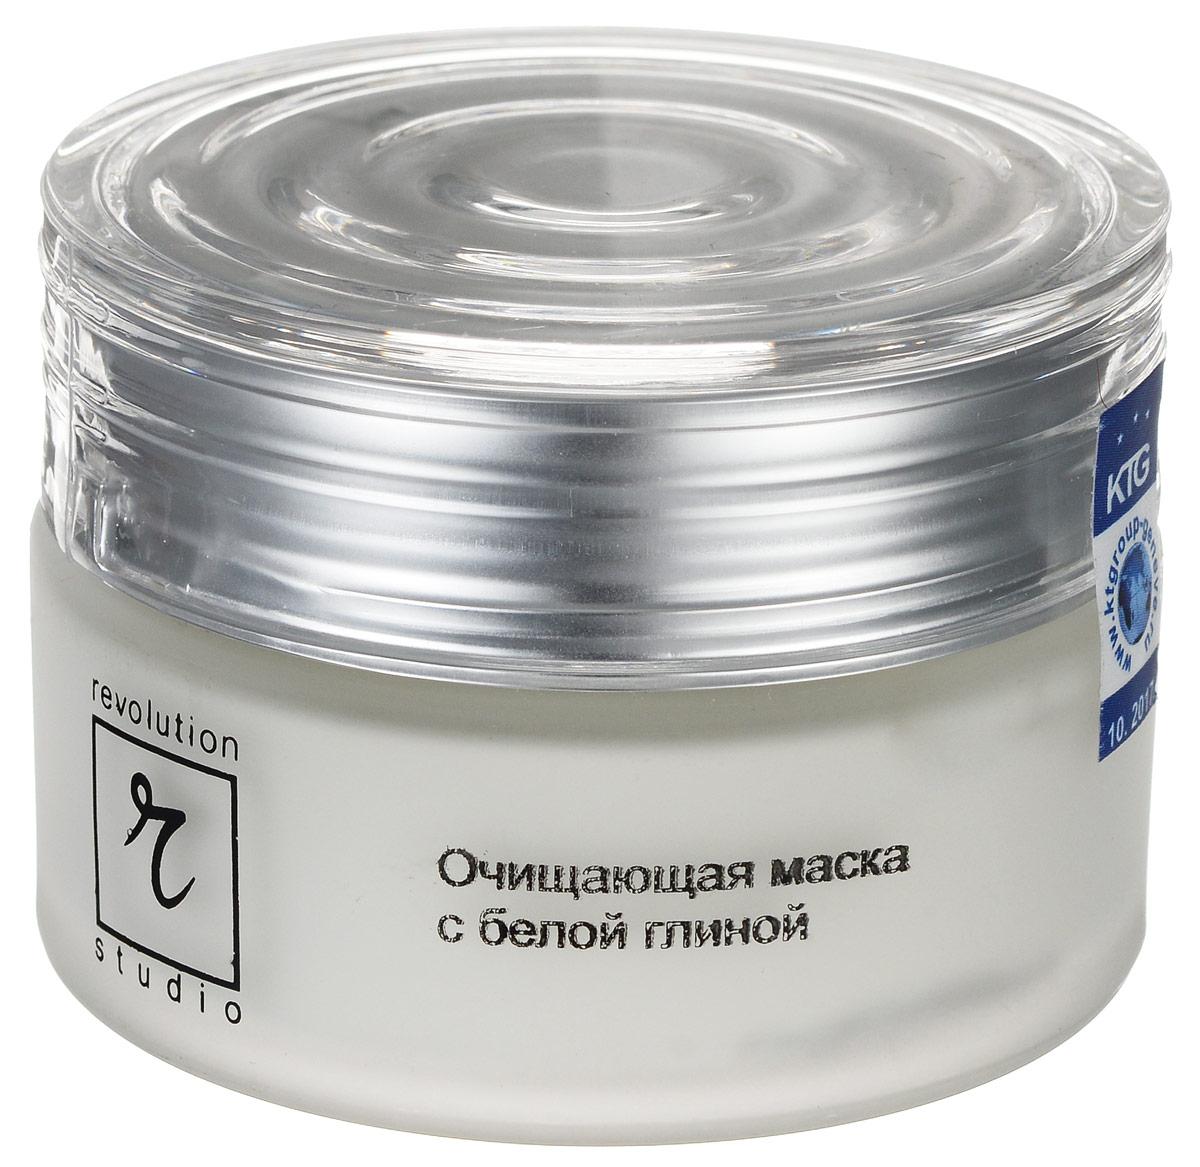 R-Studio Очищающая маска с белой глиной 50 мл2682 sОчищающая маска с белой глиной: придает коже упругость и эластичность; уменьшает поры; разглаживает морщины; удаляет с поверхности кожи загрязнения и омертвевшие клетки; обладает подтягивающим и отбеливающим эффектами; подходит для всех типов кожи, особенно для жирной кожи (ей как никакой другой необходимы глубокое очищение и нормализация работы сальных желез); обладает выраженным адсорбирующим эффектом; активизирует обменные процессы клеток; обеспечивает противовоспалительное действие.